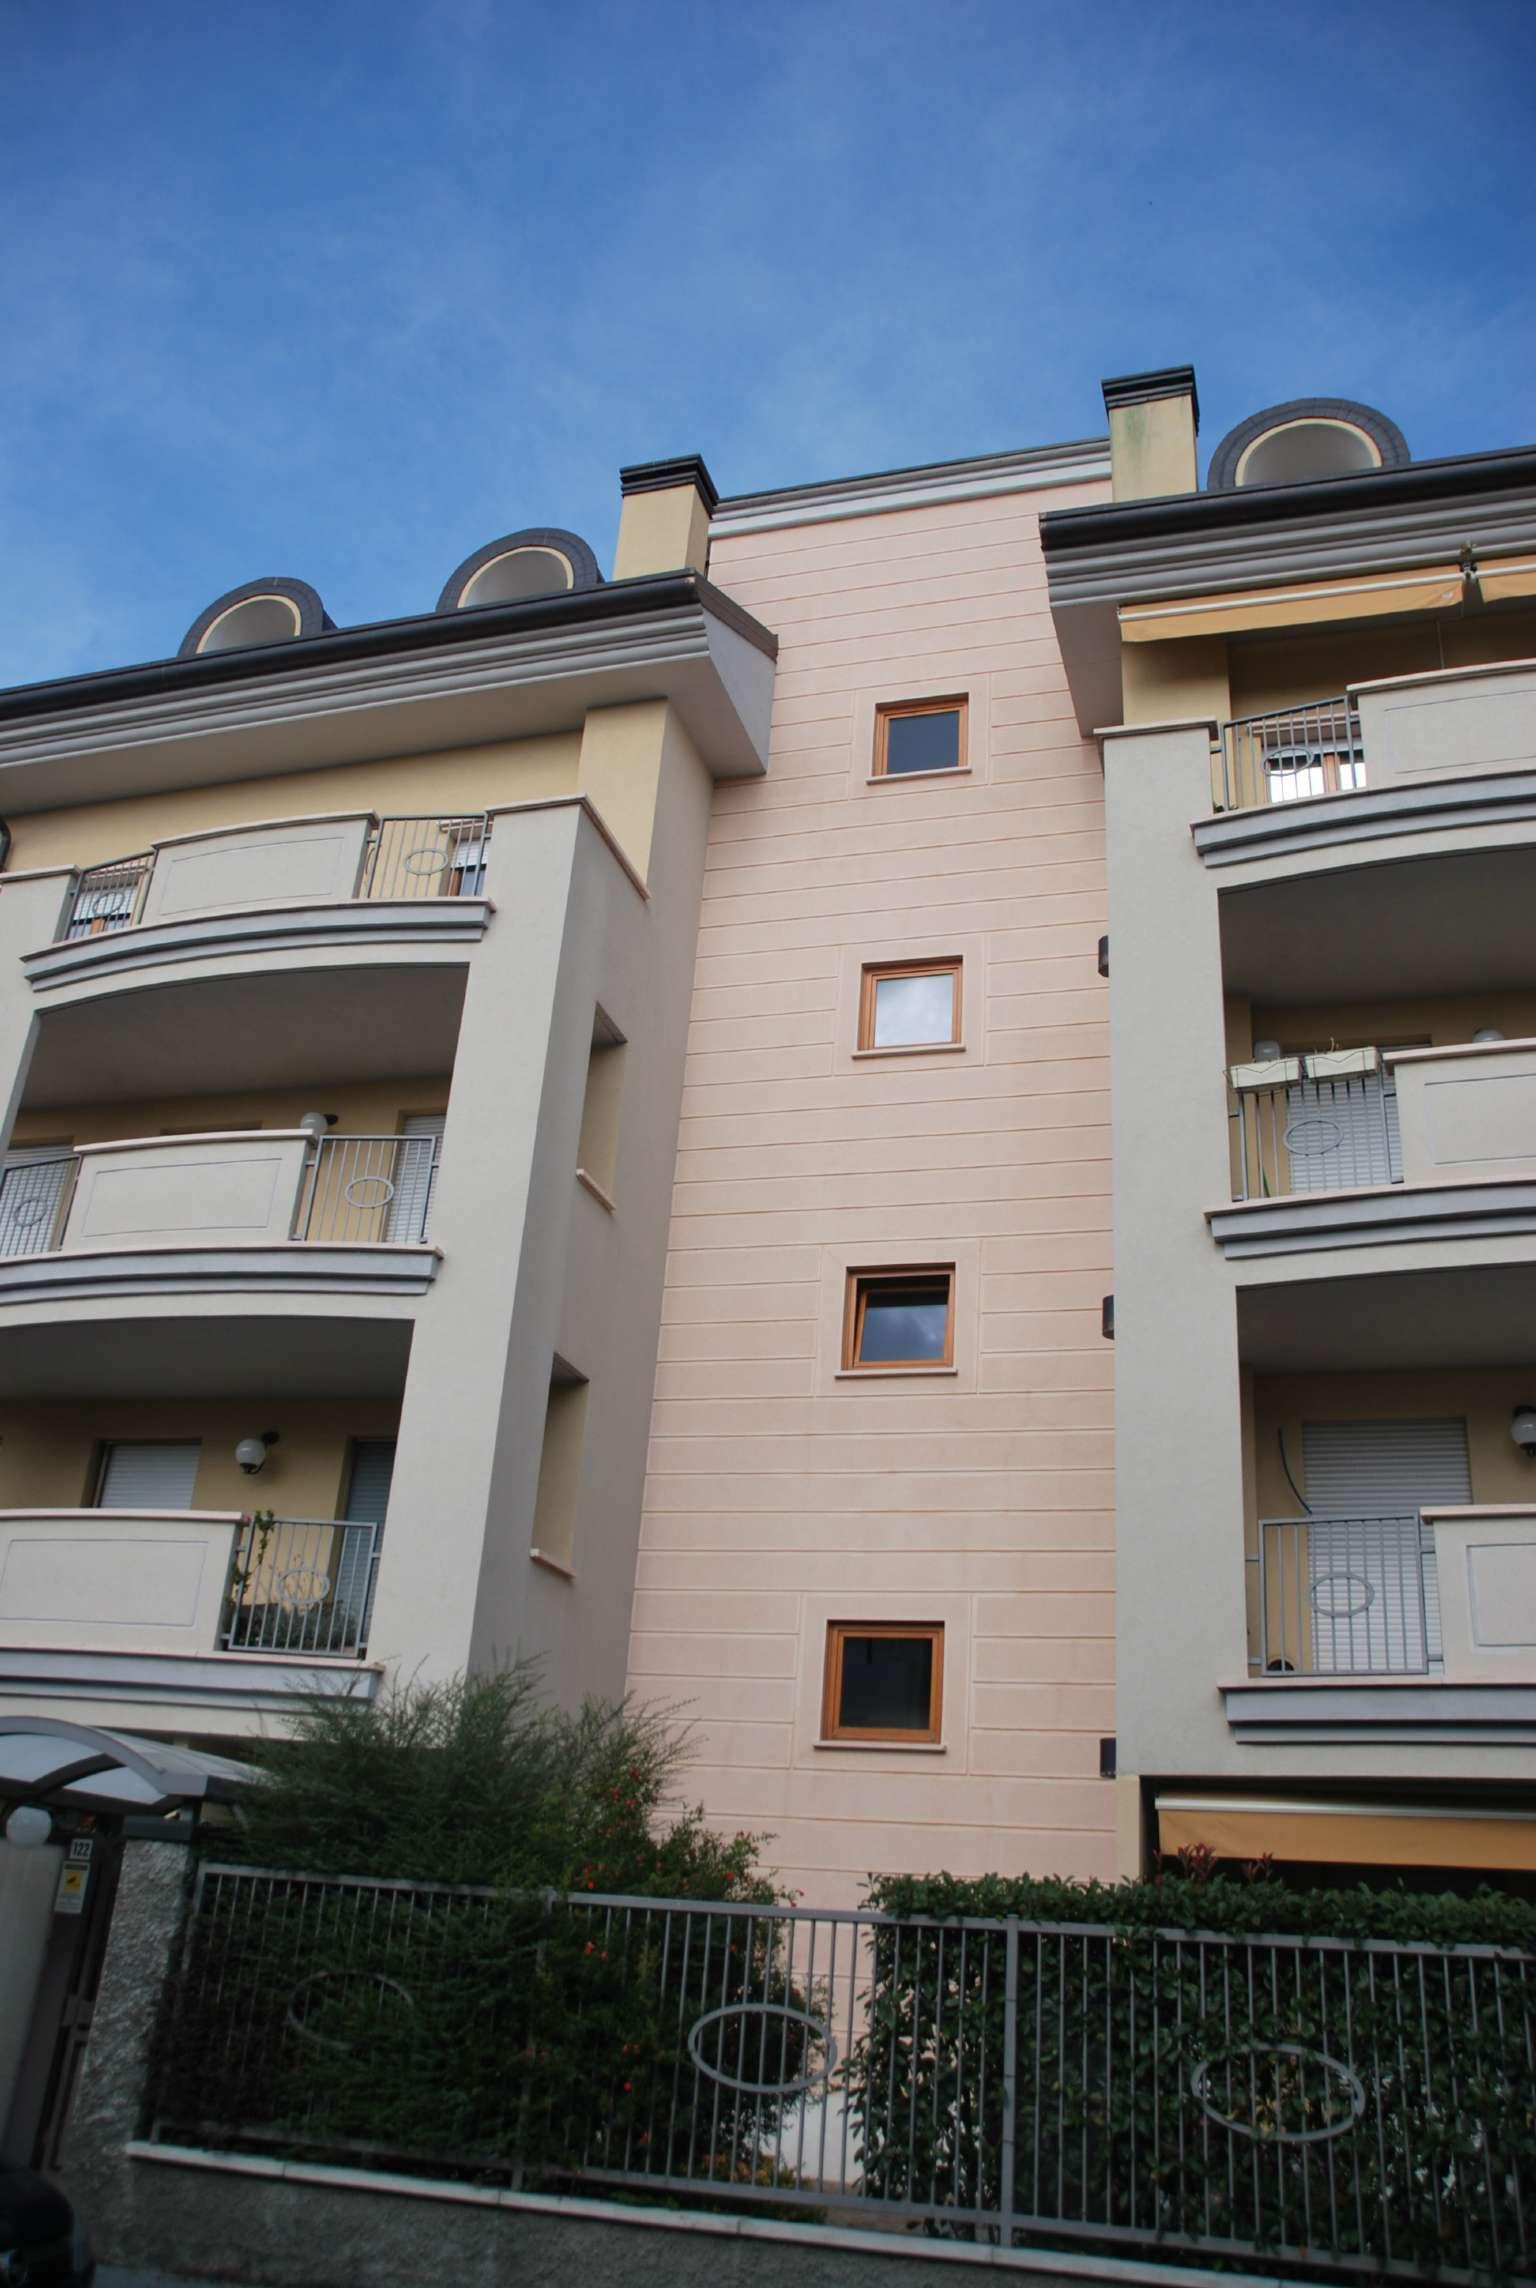 Appartamento in vendita a Legnano, 2 locali, prezzo € 100.000 | PortaleAgenzieImmobiliari.it